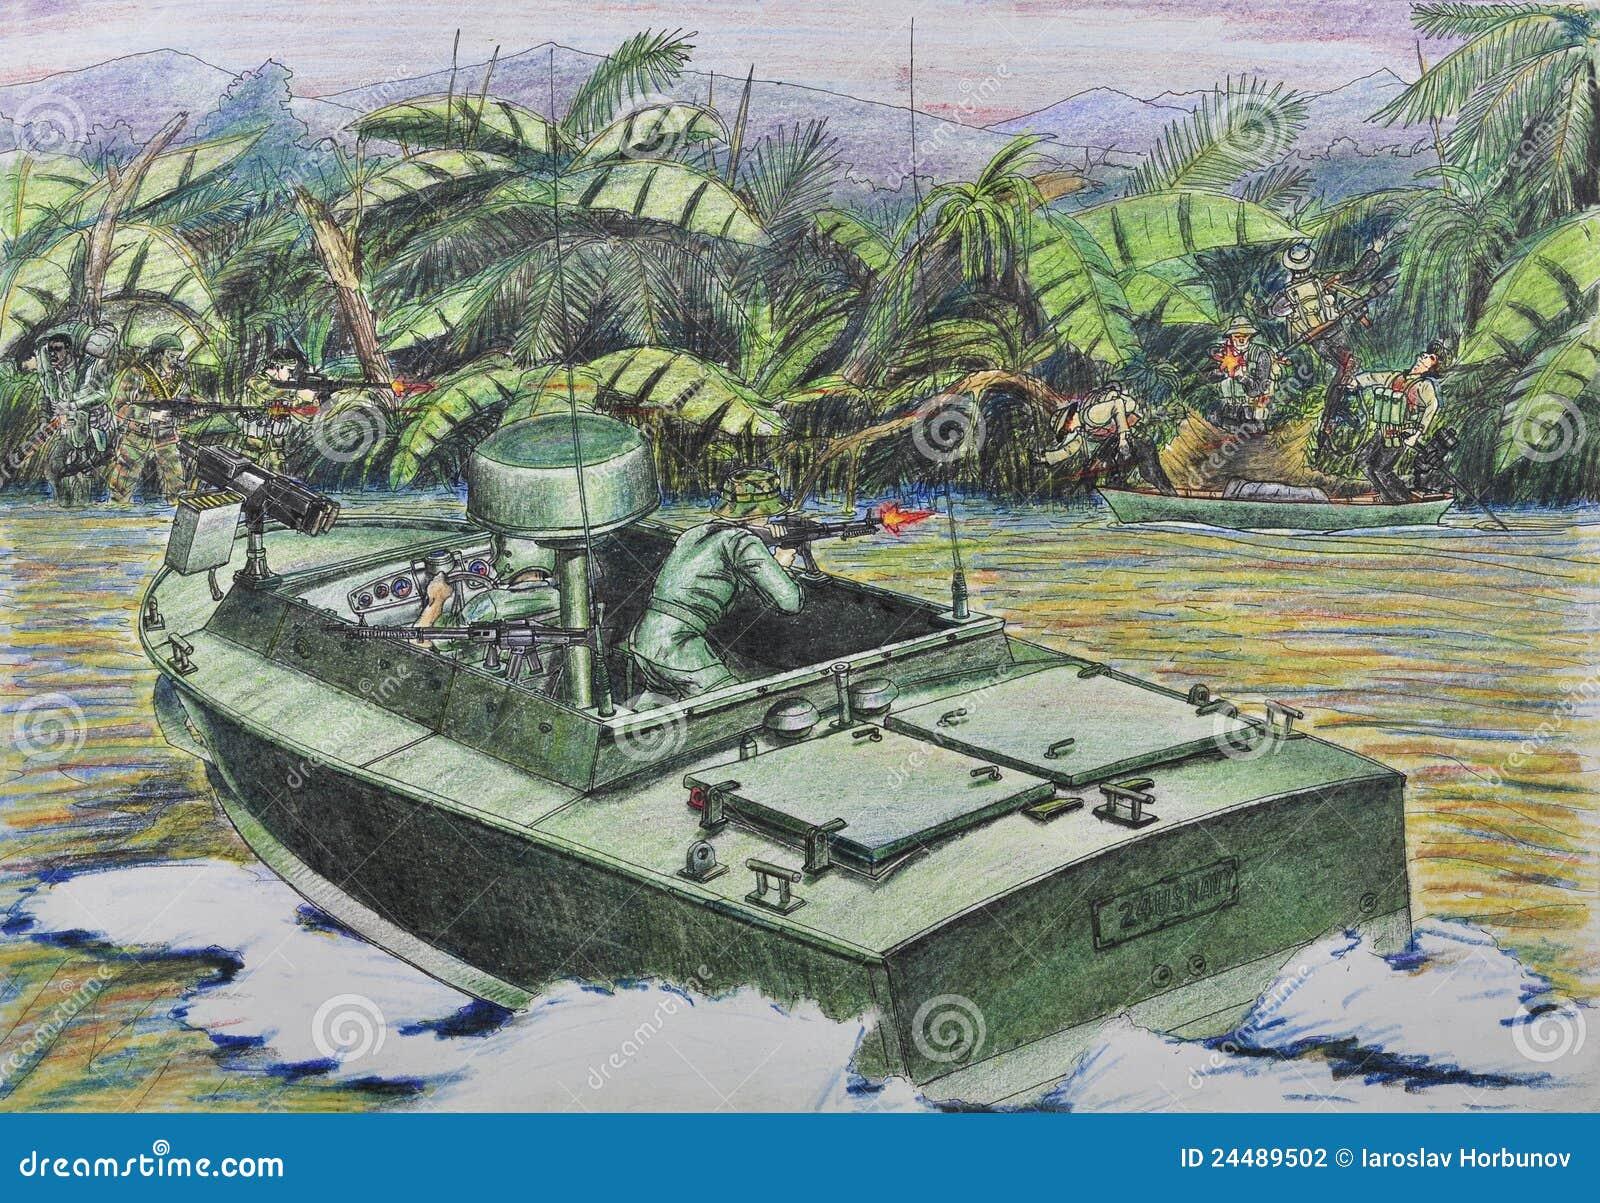 Patrulla americana en combate con el guer vietnamita